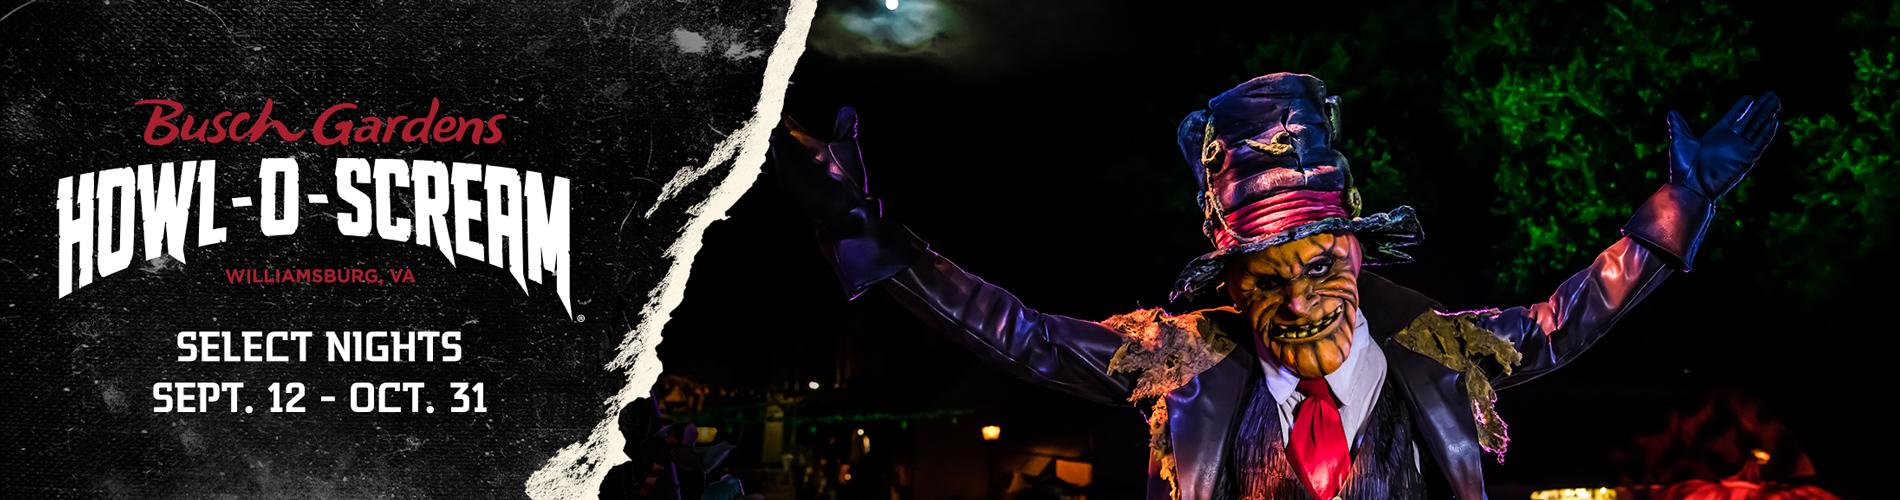 Busch Gardens Williamsburg Howl-O-Scream is Back